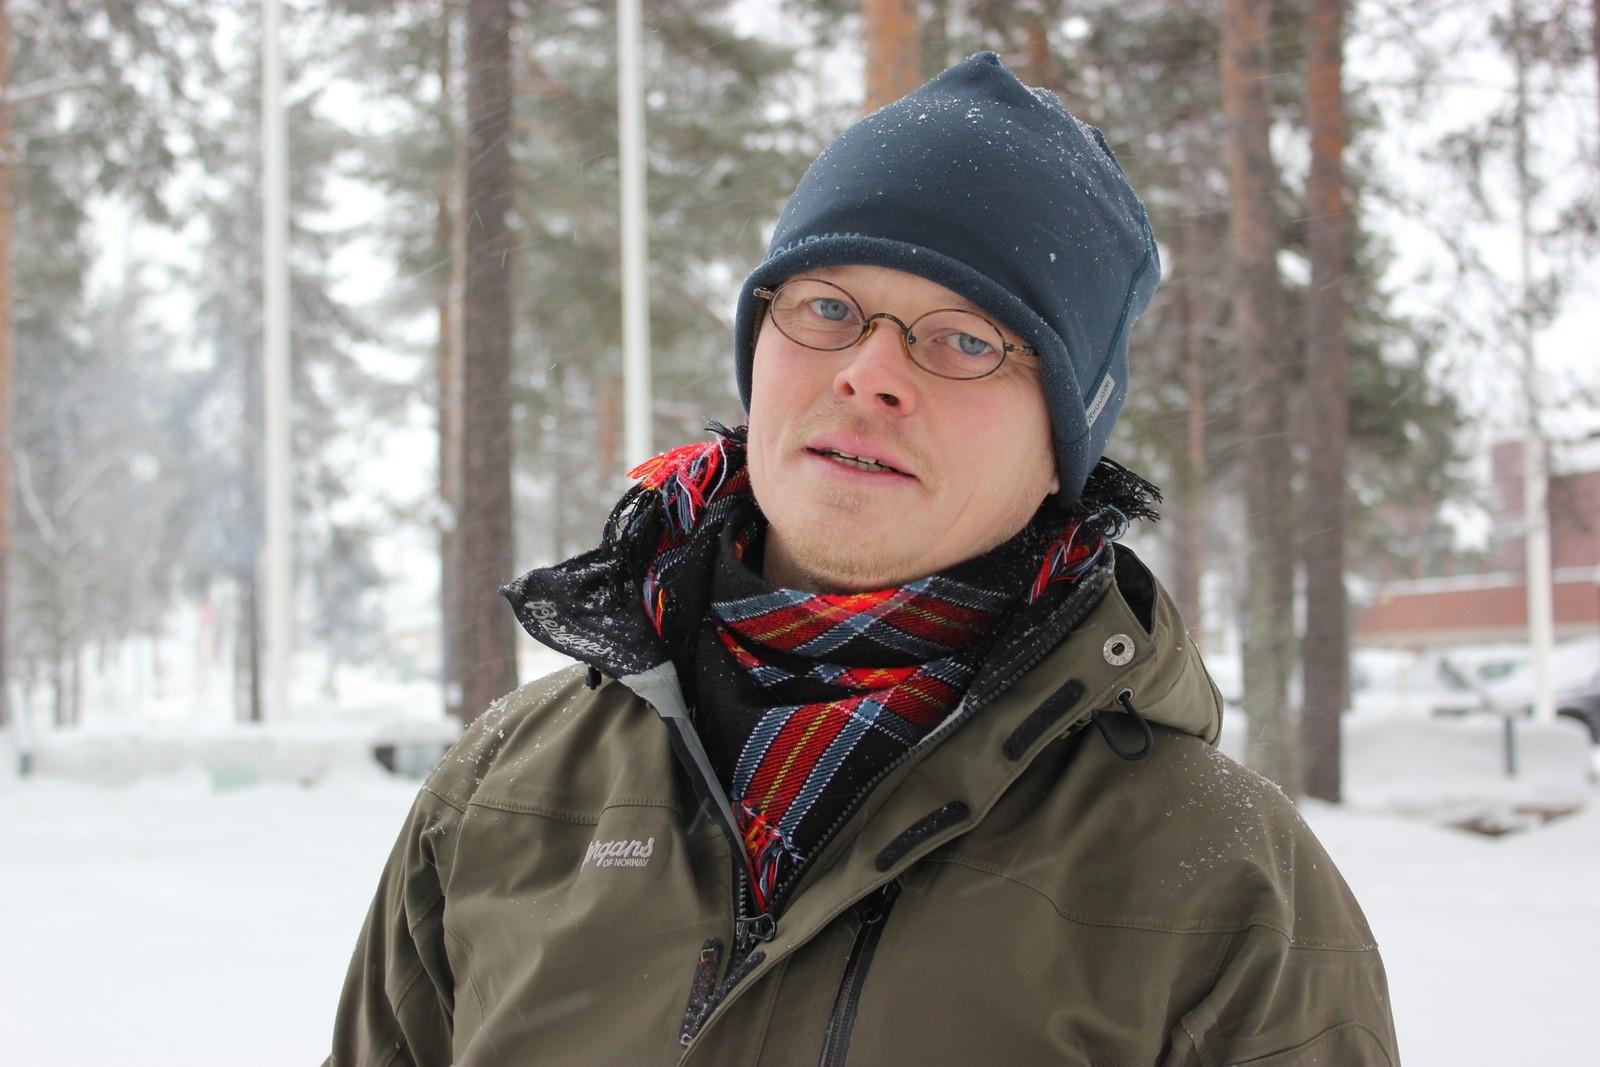 Operasanger Ánndaris Rimpi ved Göteborgsoperan pleier å feire samenes nasjonaldag hjemme i Göteborg ved å ta ta på seg kofta, spise reinkjøtt og synge den samiske nasjonalsangen. I år er han for første gang i Jokkmokk under vintermarkedet. Nasjonaldagen feirer han ved å delta på arrangementene i Jokkmokk.